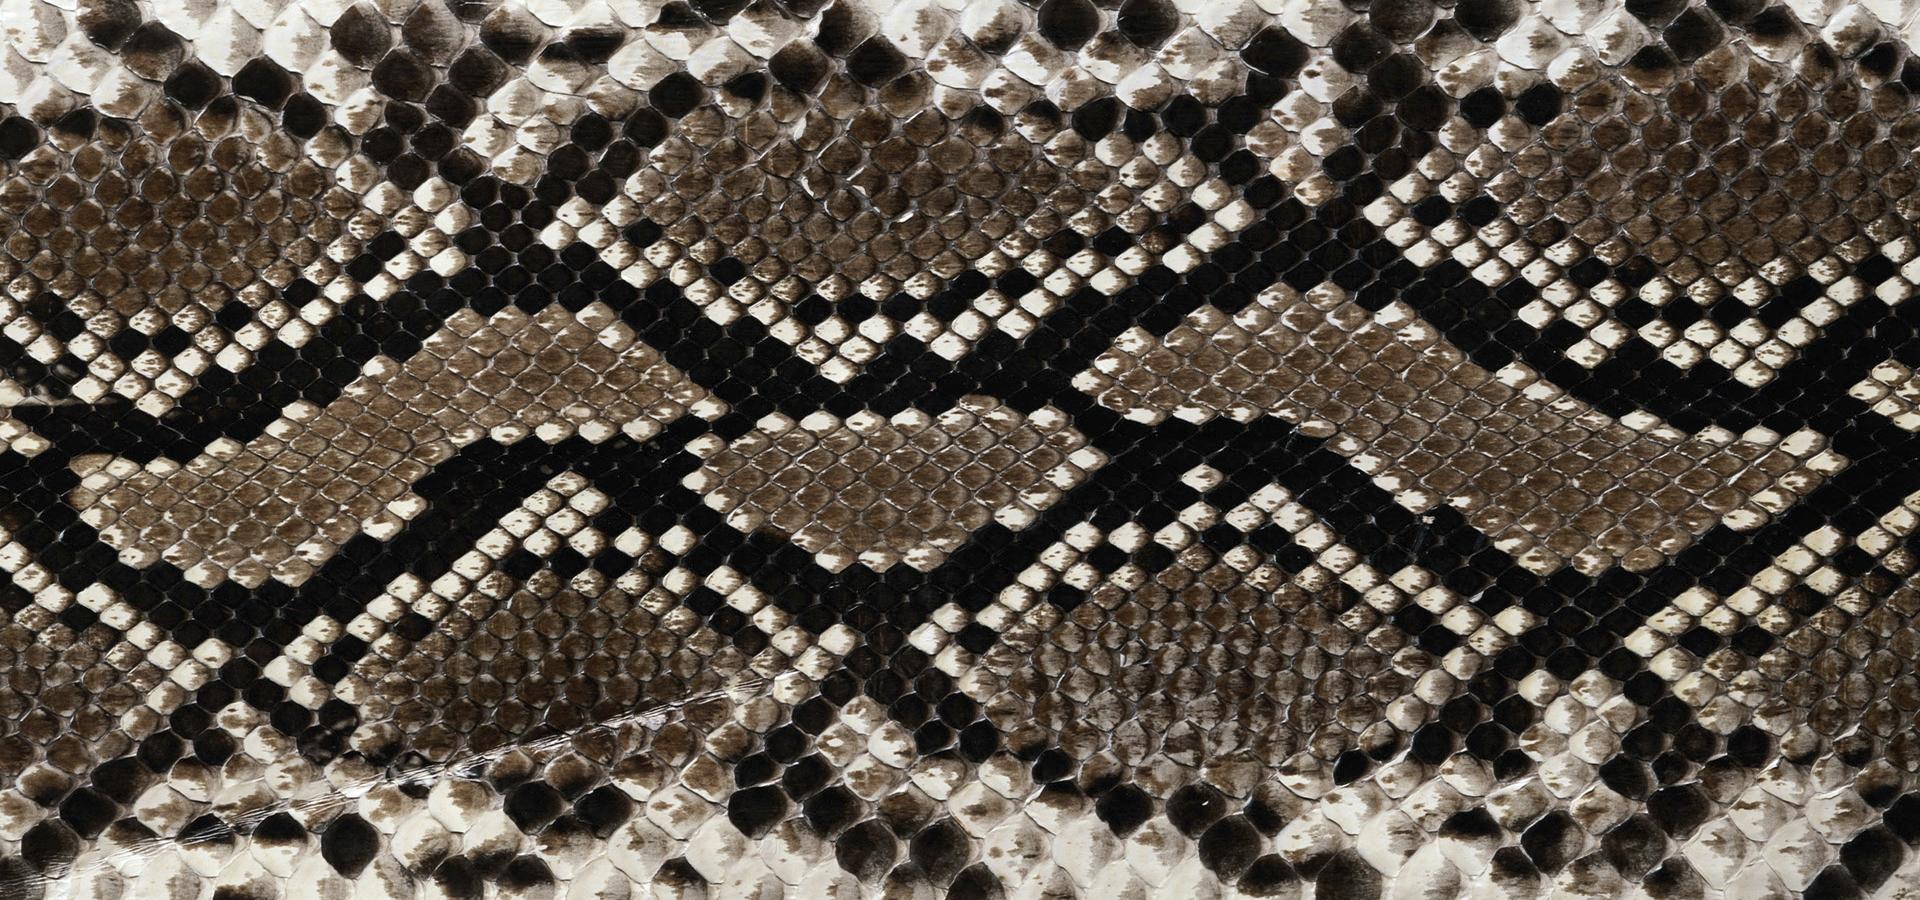 Patrón Diseño Fondos De Pantalla Textura Antecedentes: Net Textura Valla Patrón Antecedentes Diseño Material